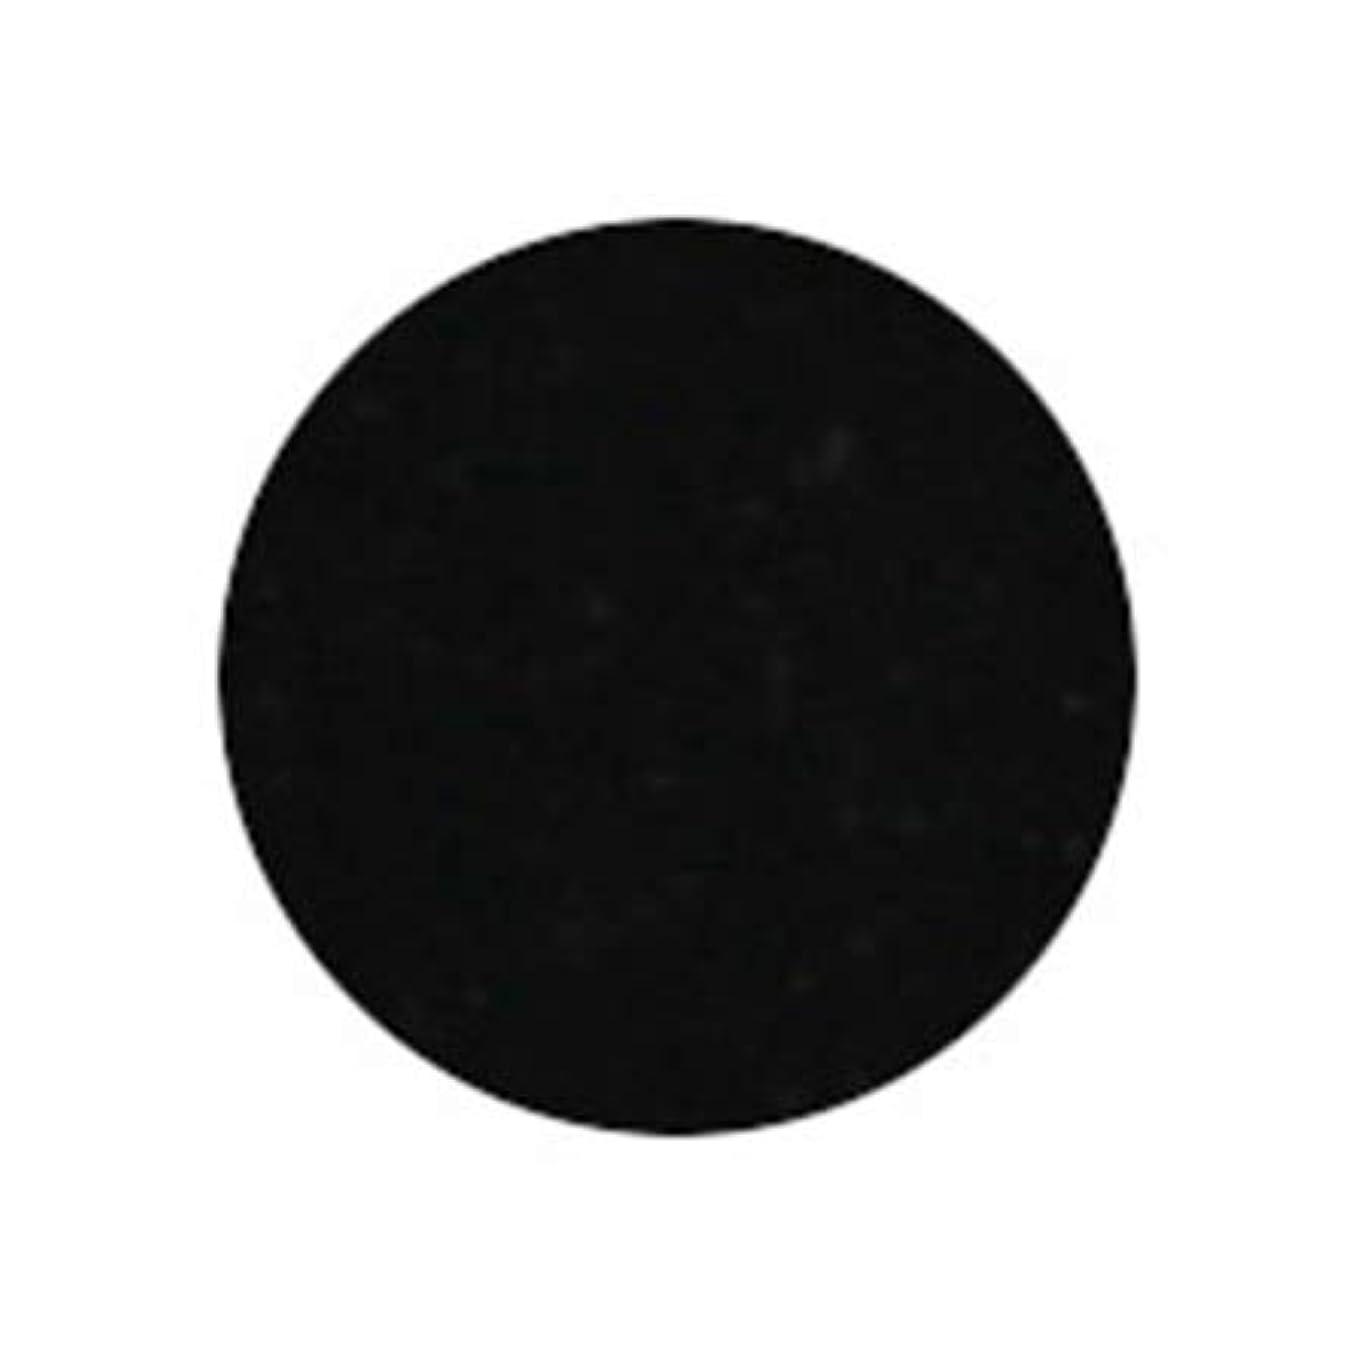 ダイバーだらしないゴミPutiel プティール カラージェル 501 ブラック 4g